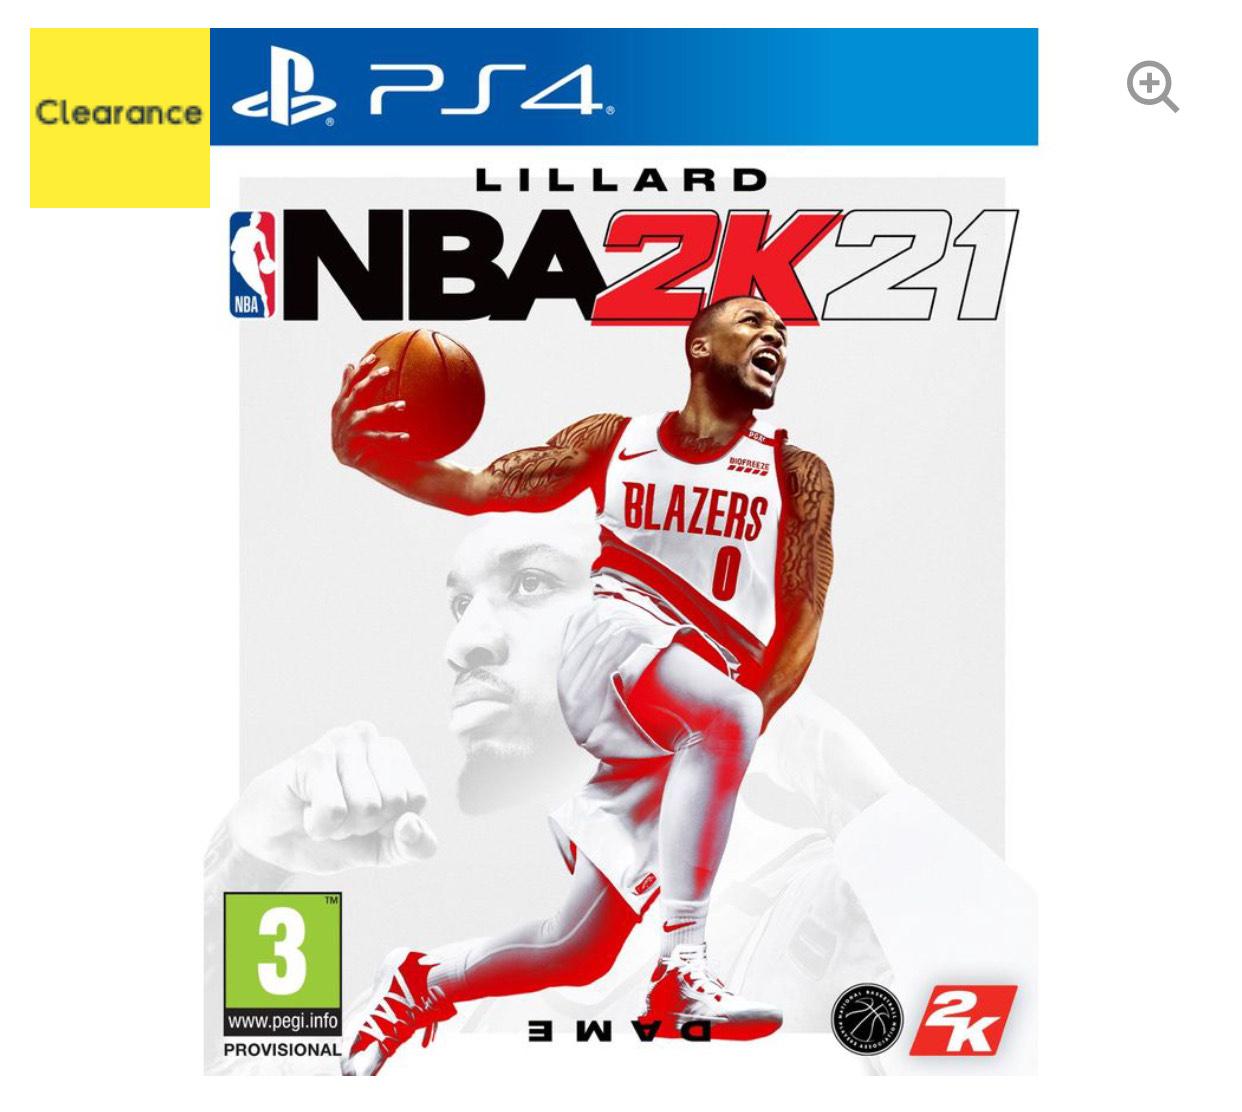 NBA 2K21 for Sony PlayStation PS4 (UK Mainland) £9 @ AO